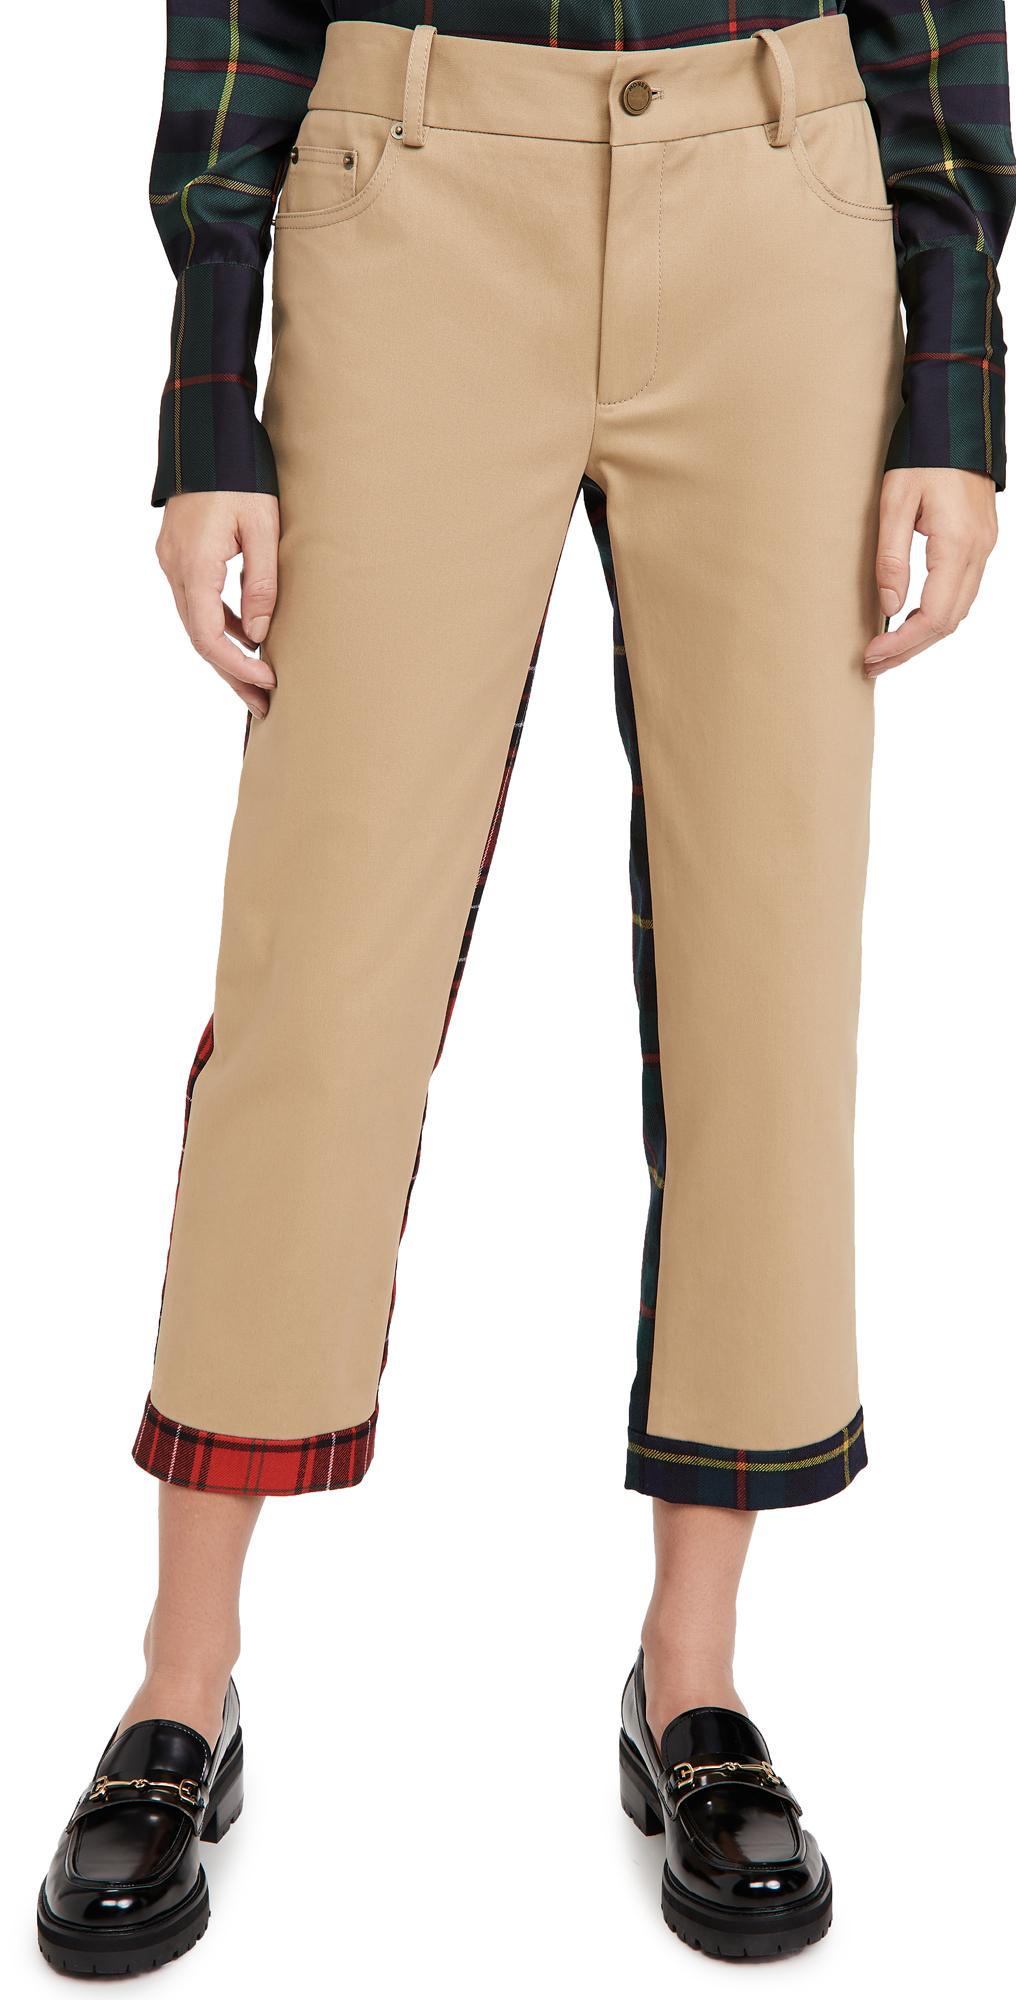 Monse Plaid Half And Half Pants